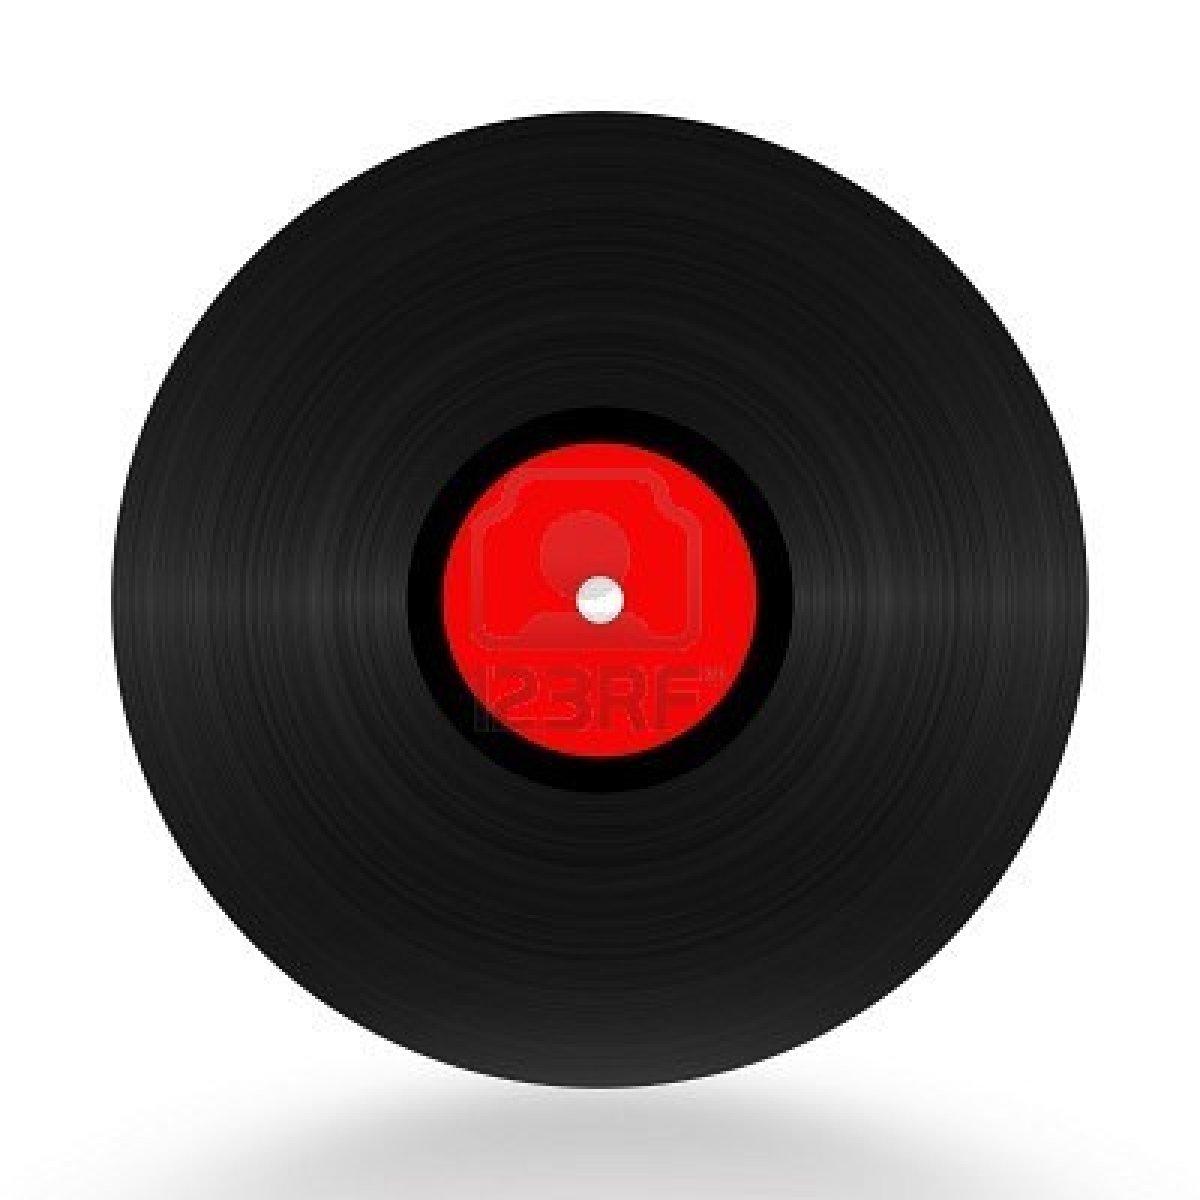 Et si le monde ne tournait pas rond le polymorphe errant - Collectionneur de disque vinyl 33 tours ...